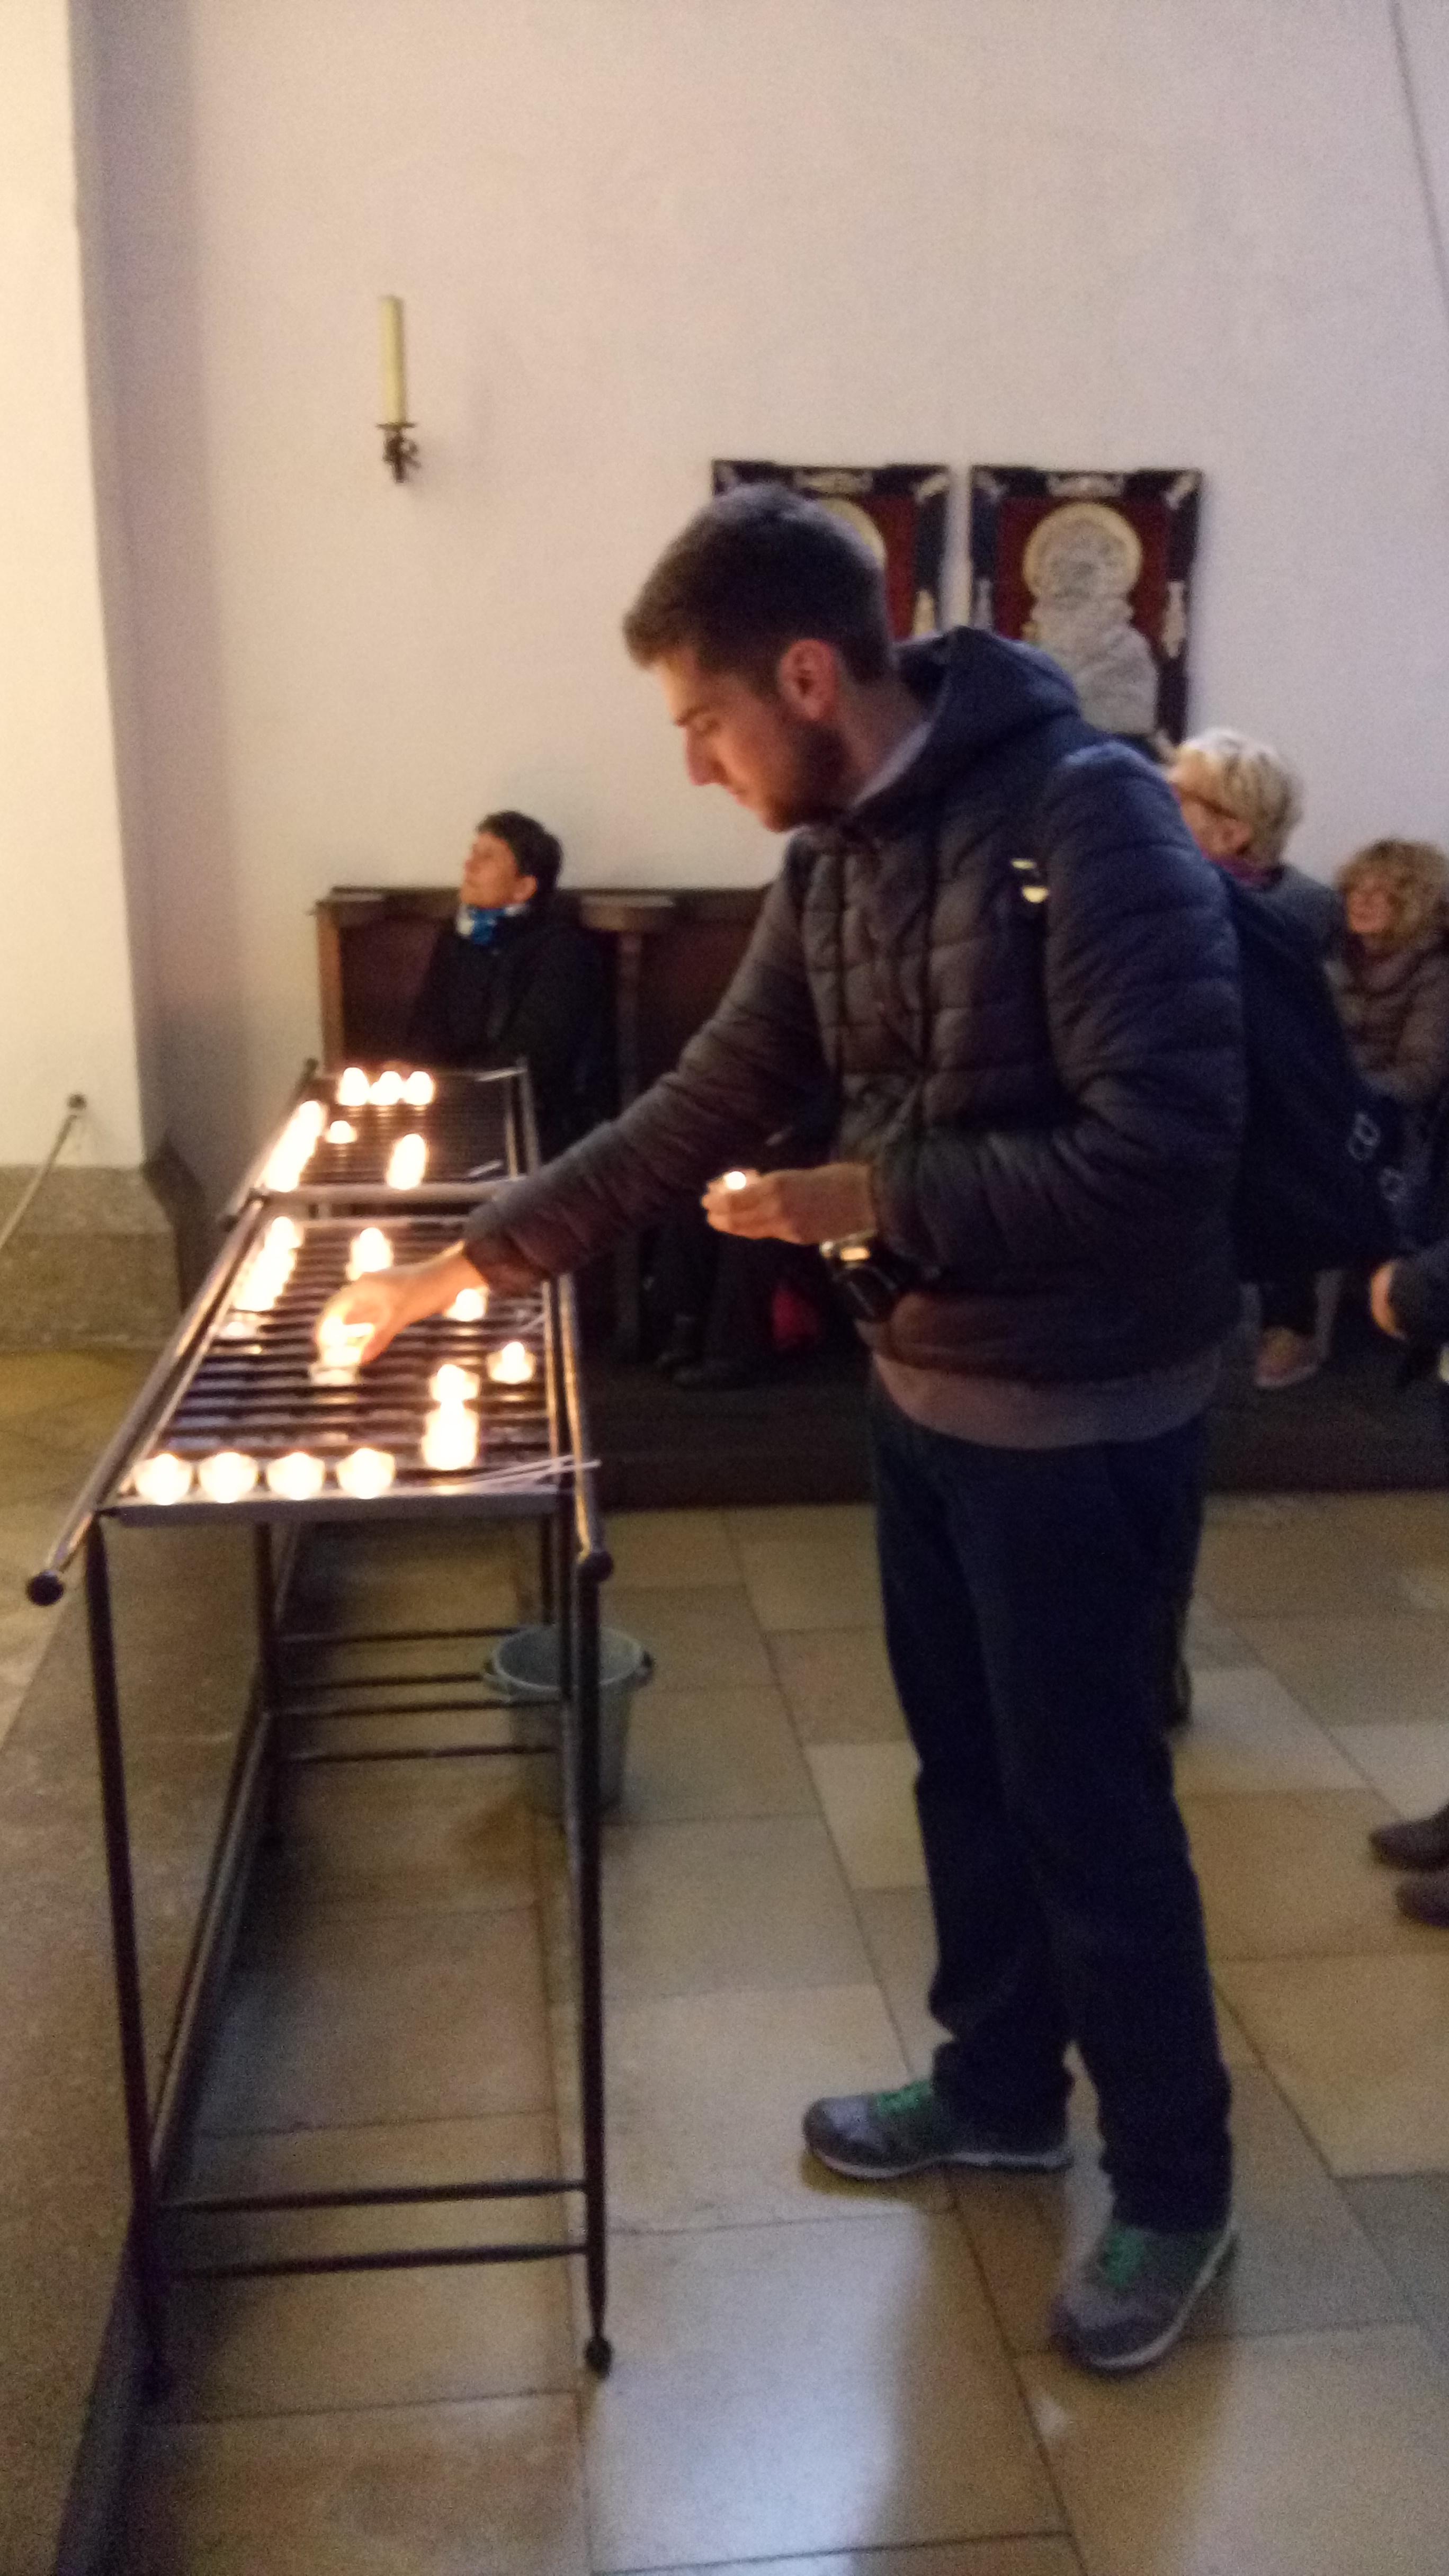 pellegrinaggio dalla Madonna che scioglie i nodi info Maurizio Gandin  www.g-trapper.com